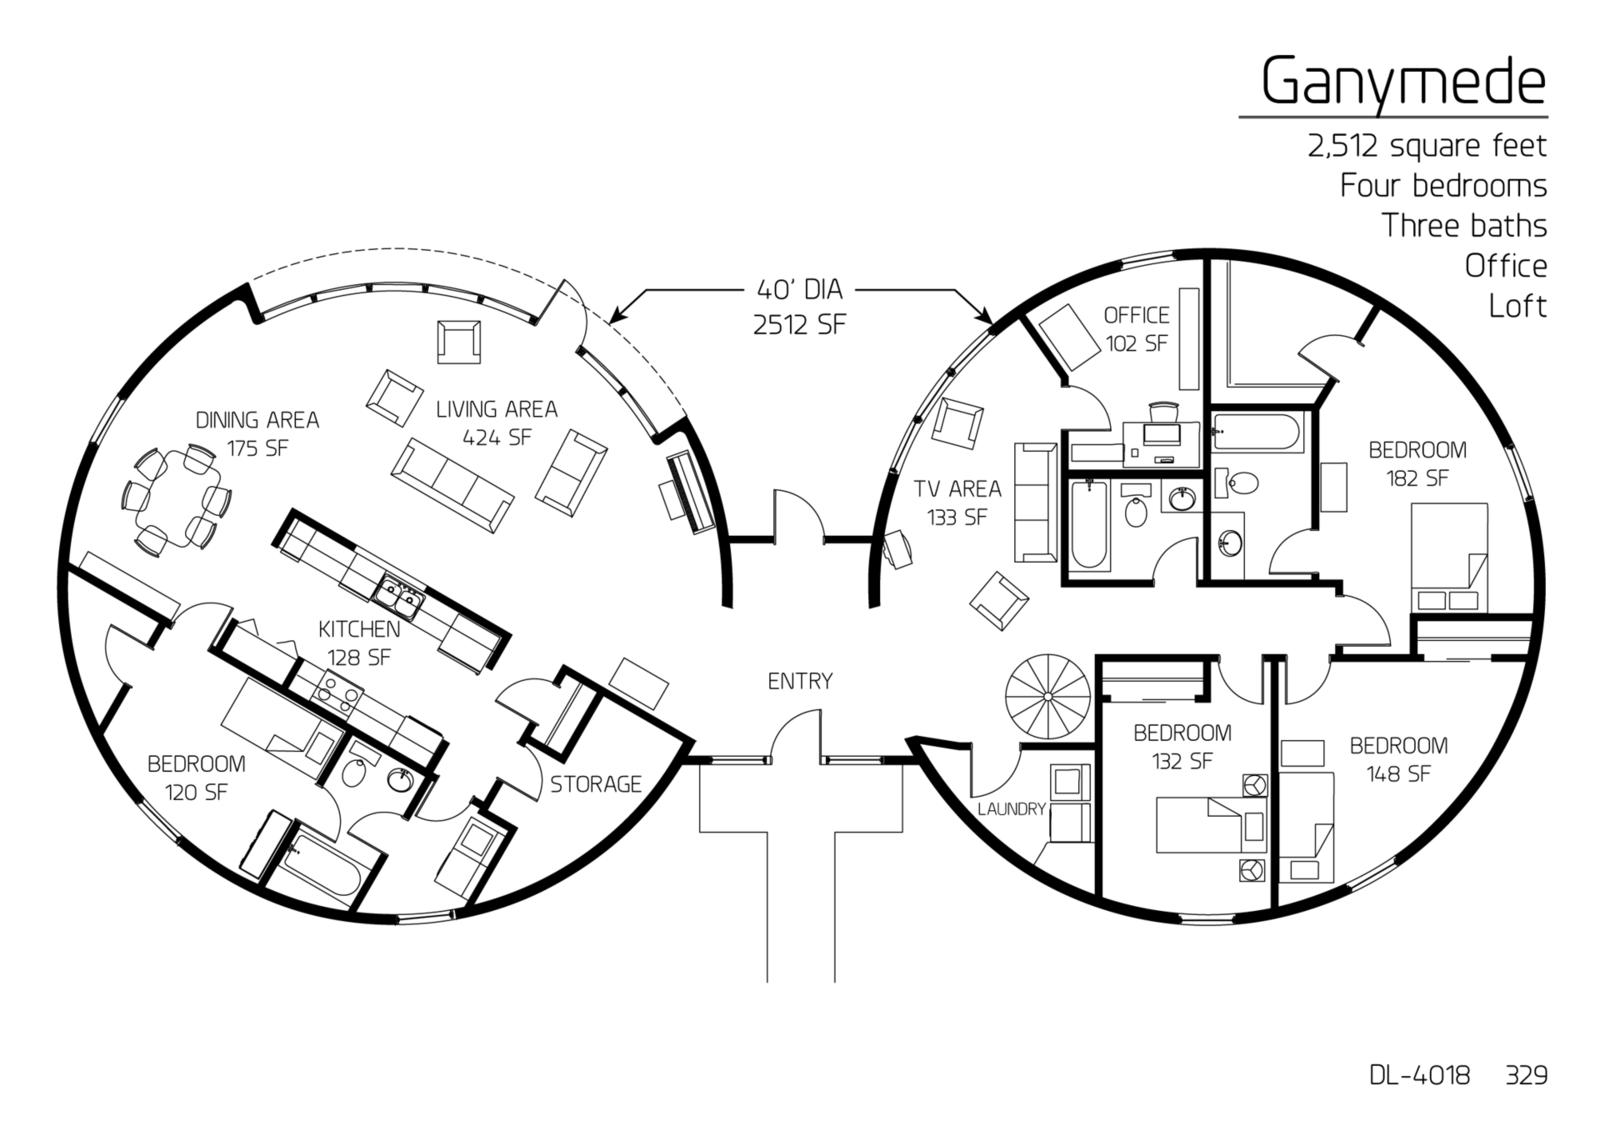 Floor Plan Dl 4018 Monolithic Dome Institute